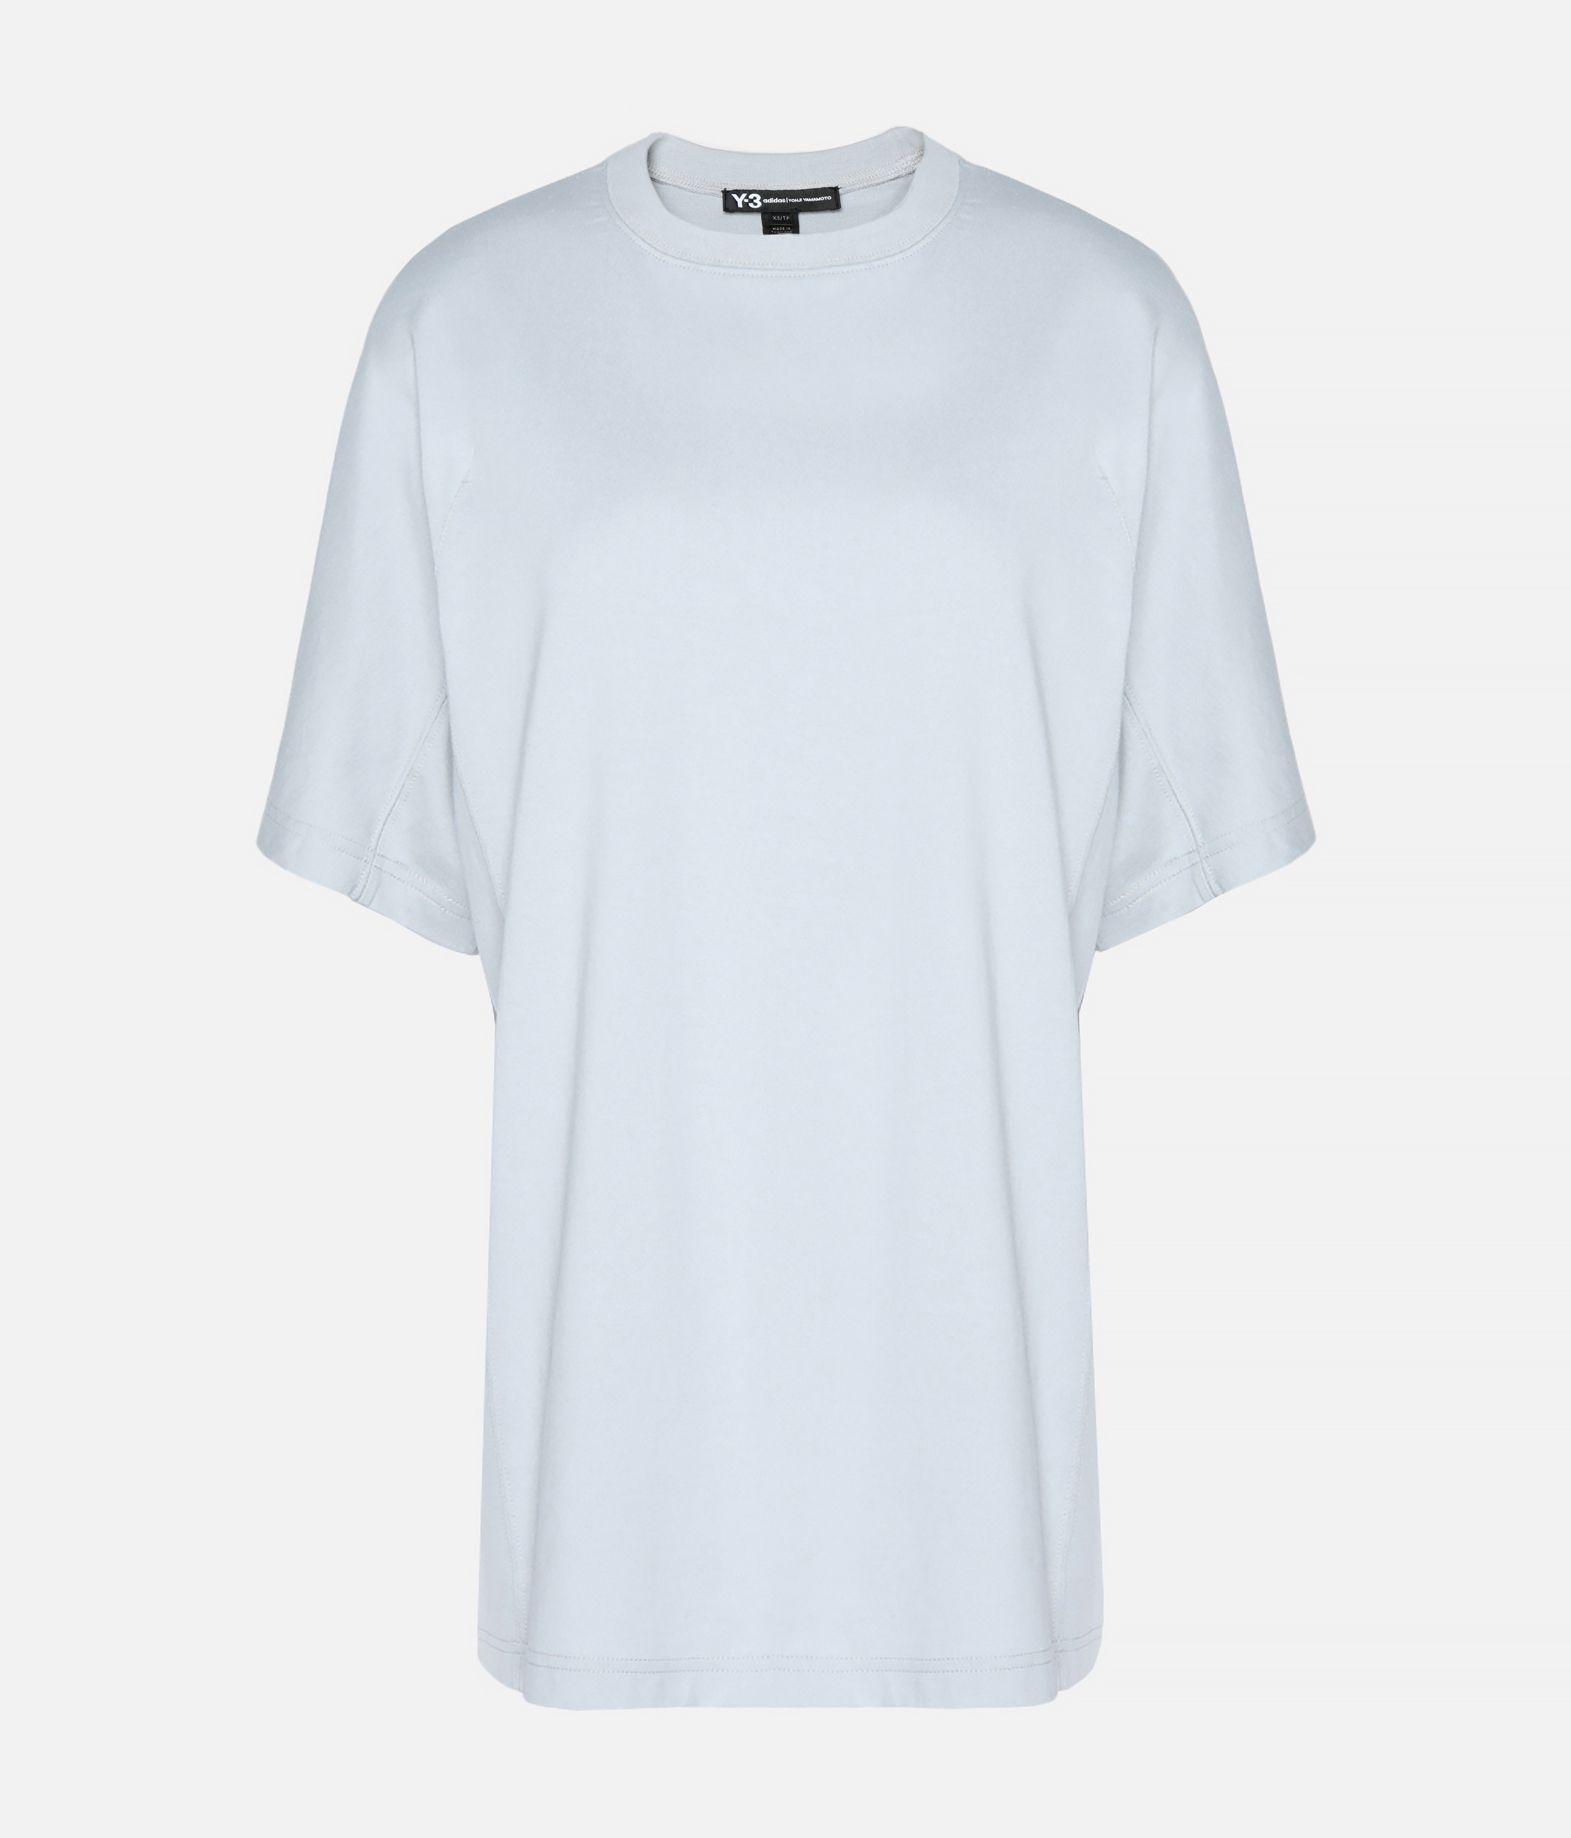 Y-3 Y-3 Classic Tee T-shirt maniche corte Donna f